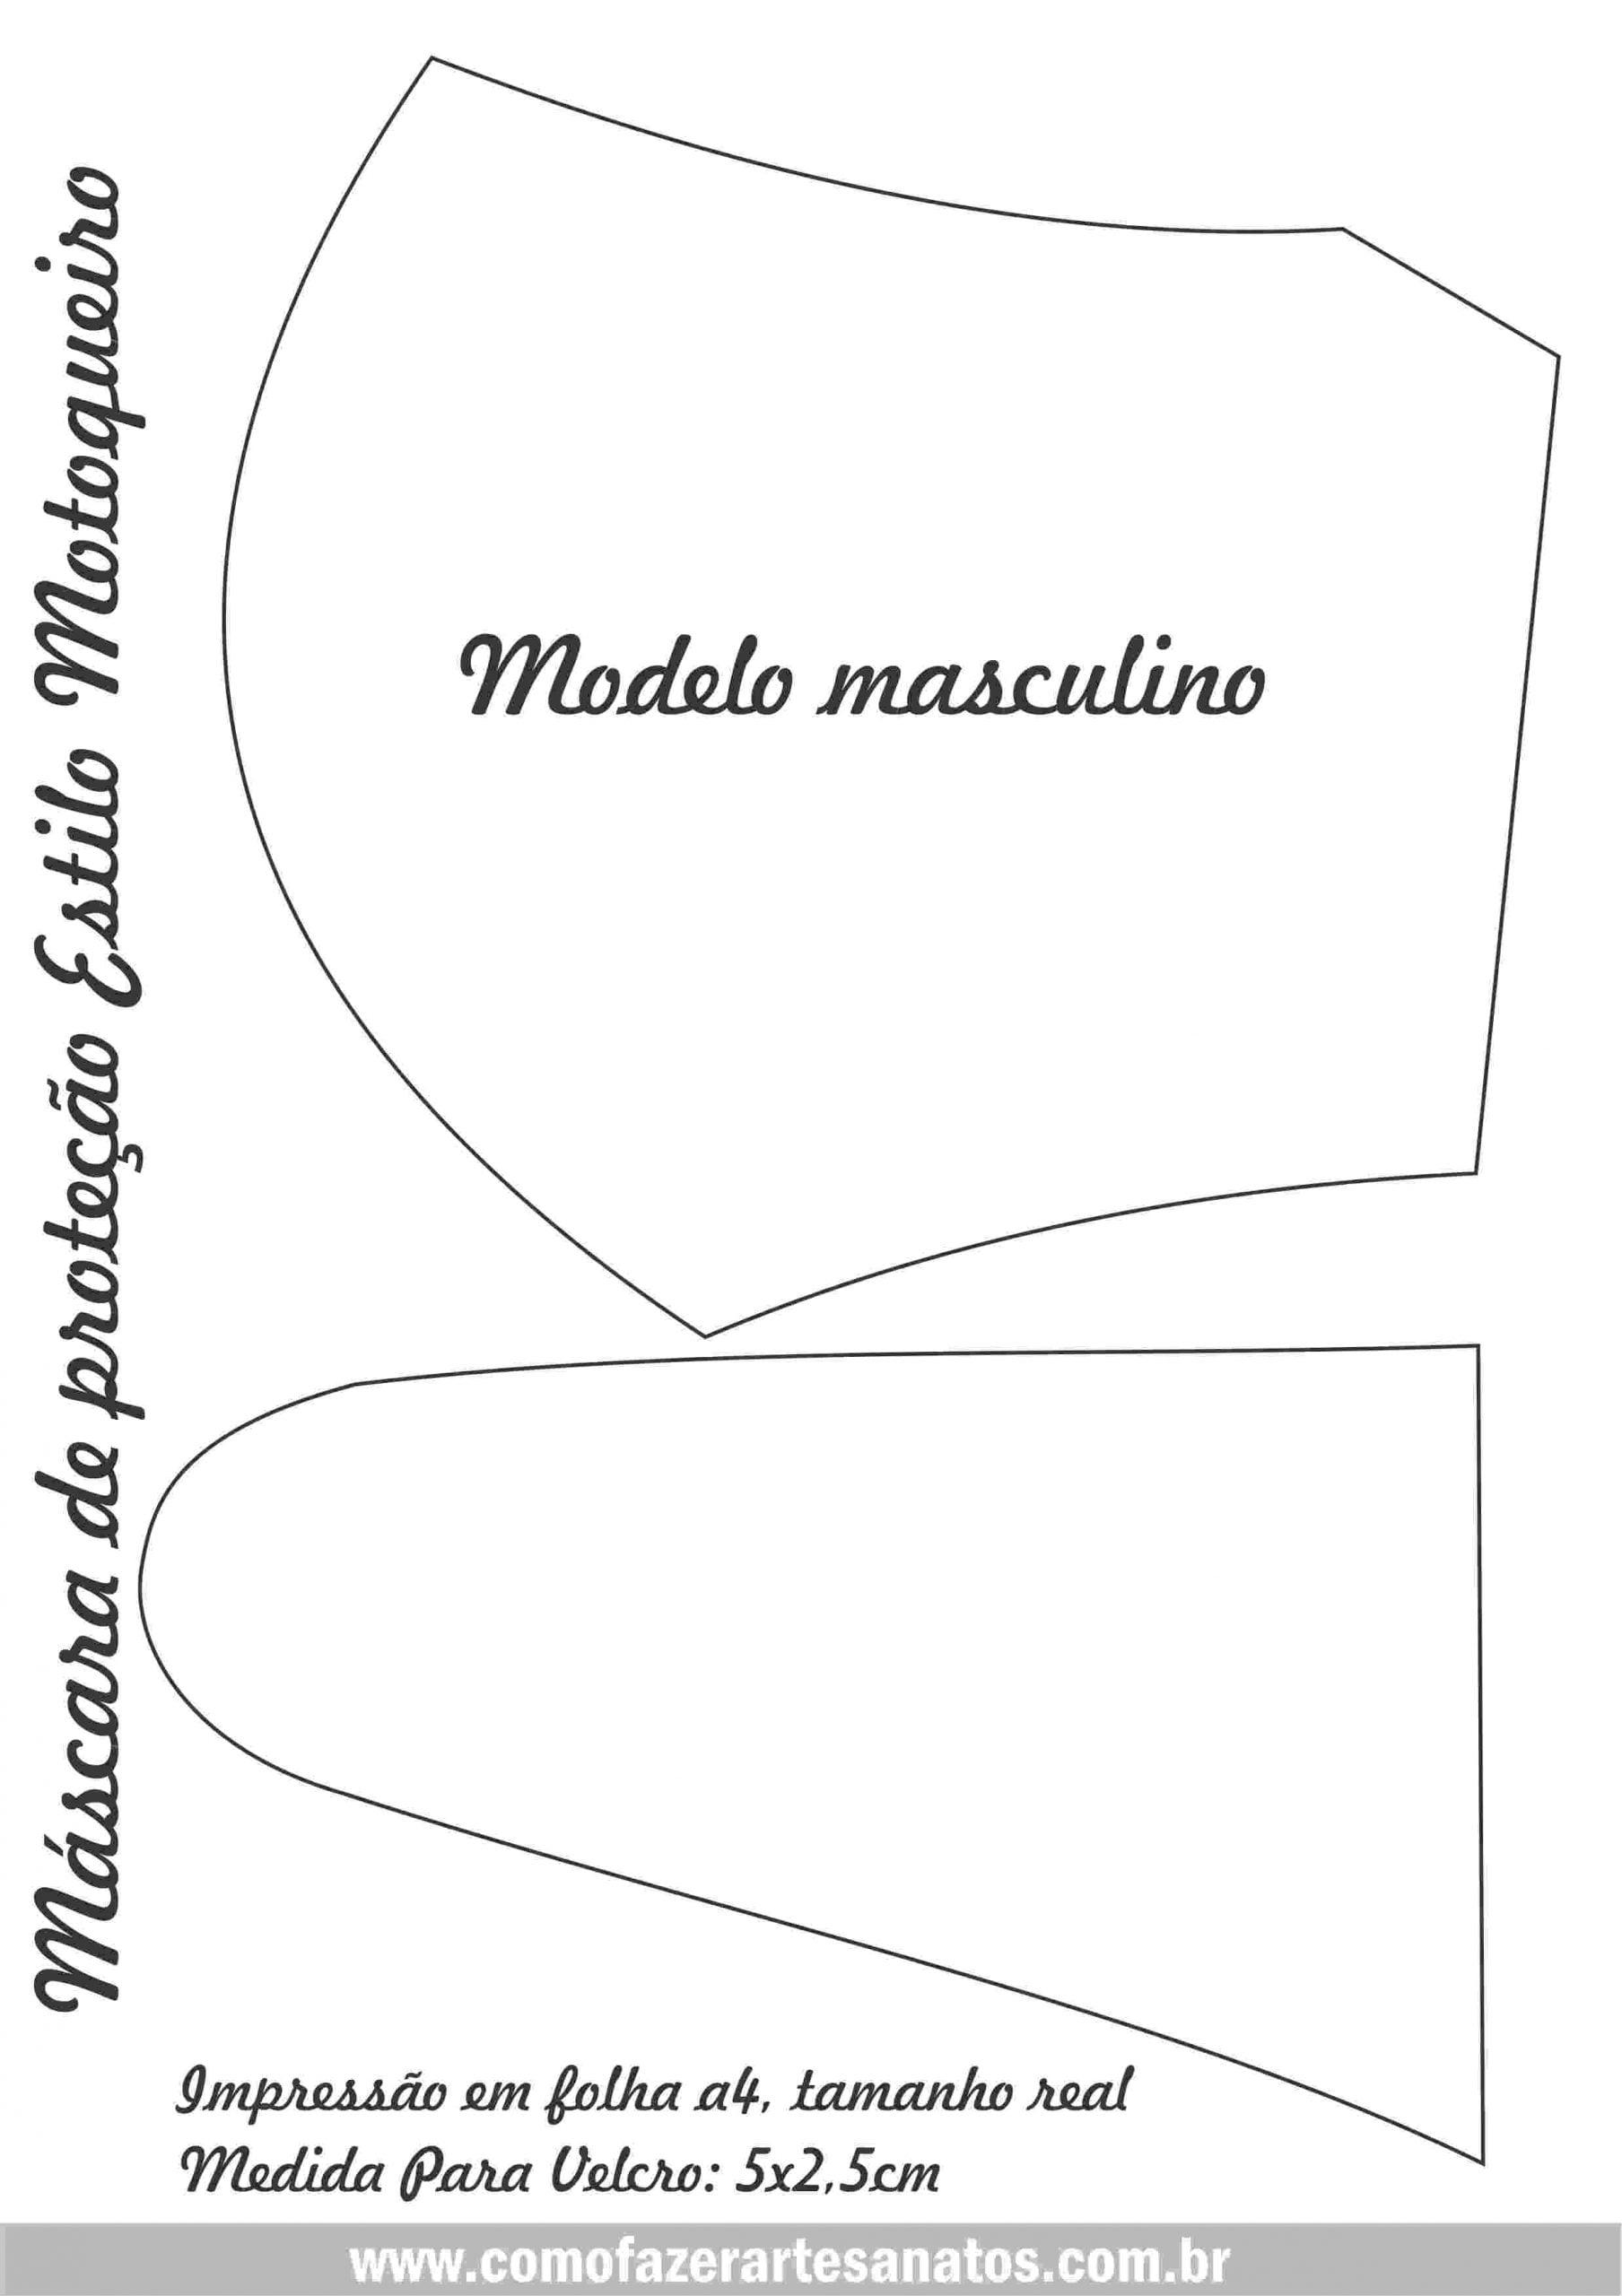 molde de mascara motoqueiro